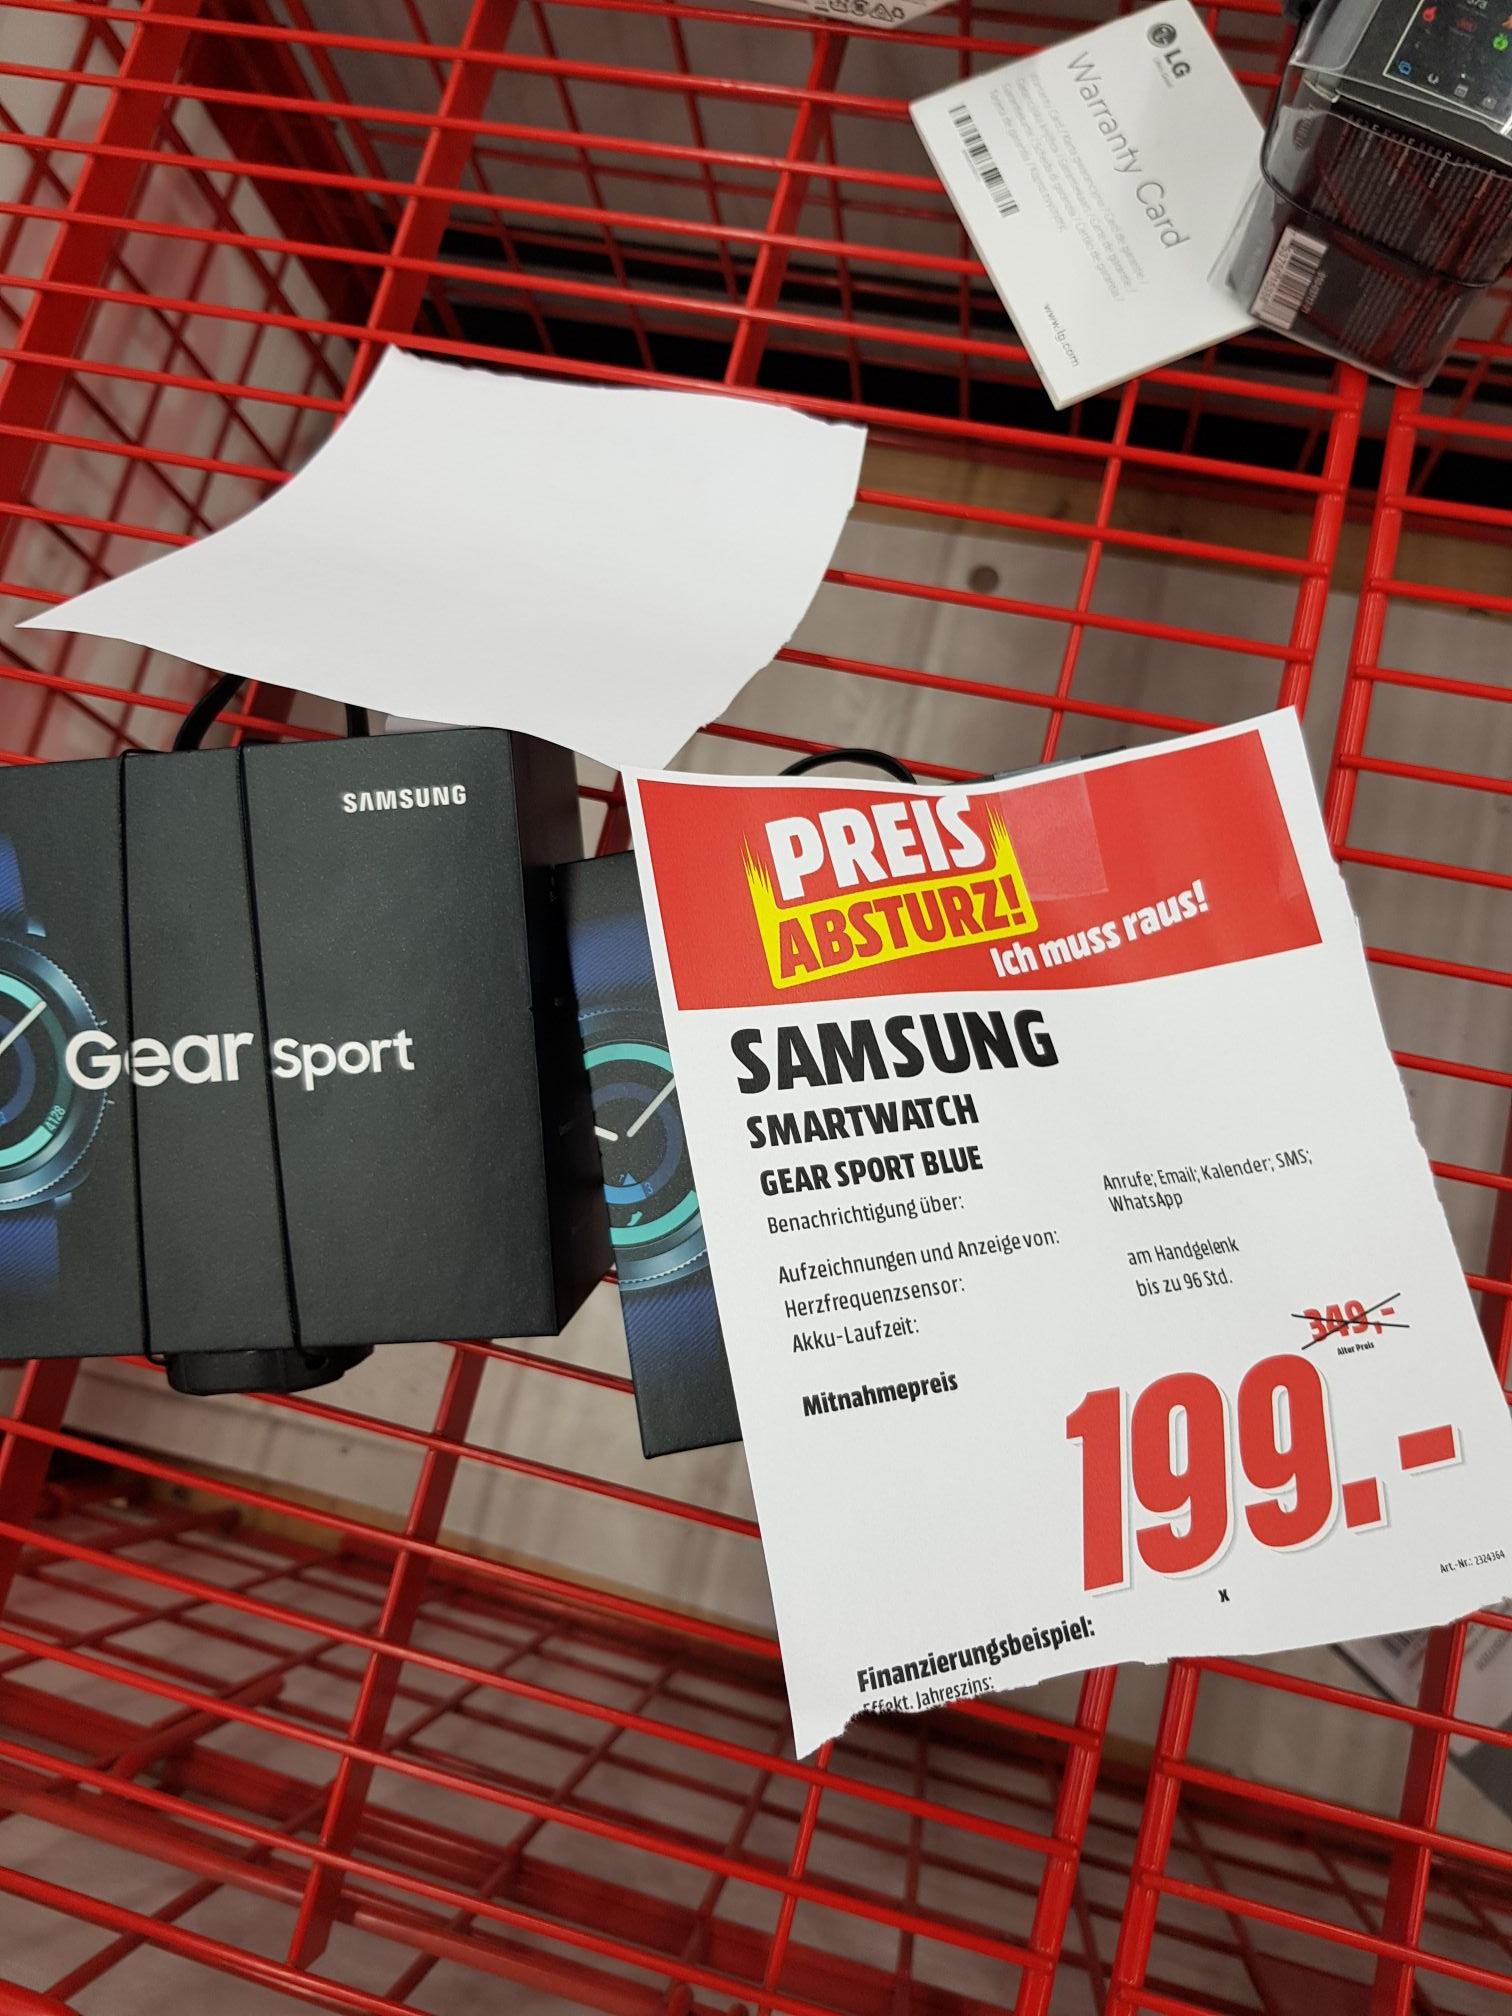 [Lokal: Wiesbaden]Samsung Smartwatch Gear Sport in blau